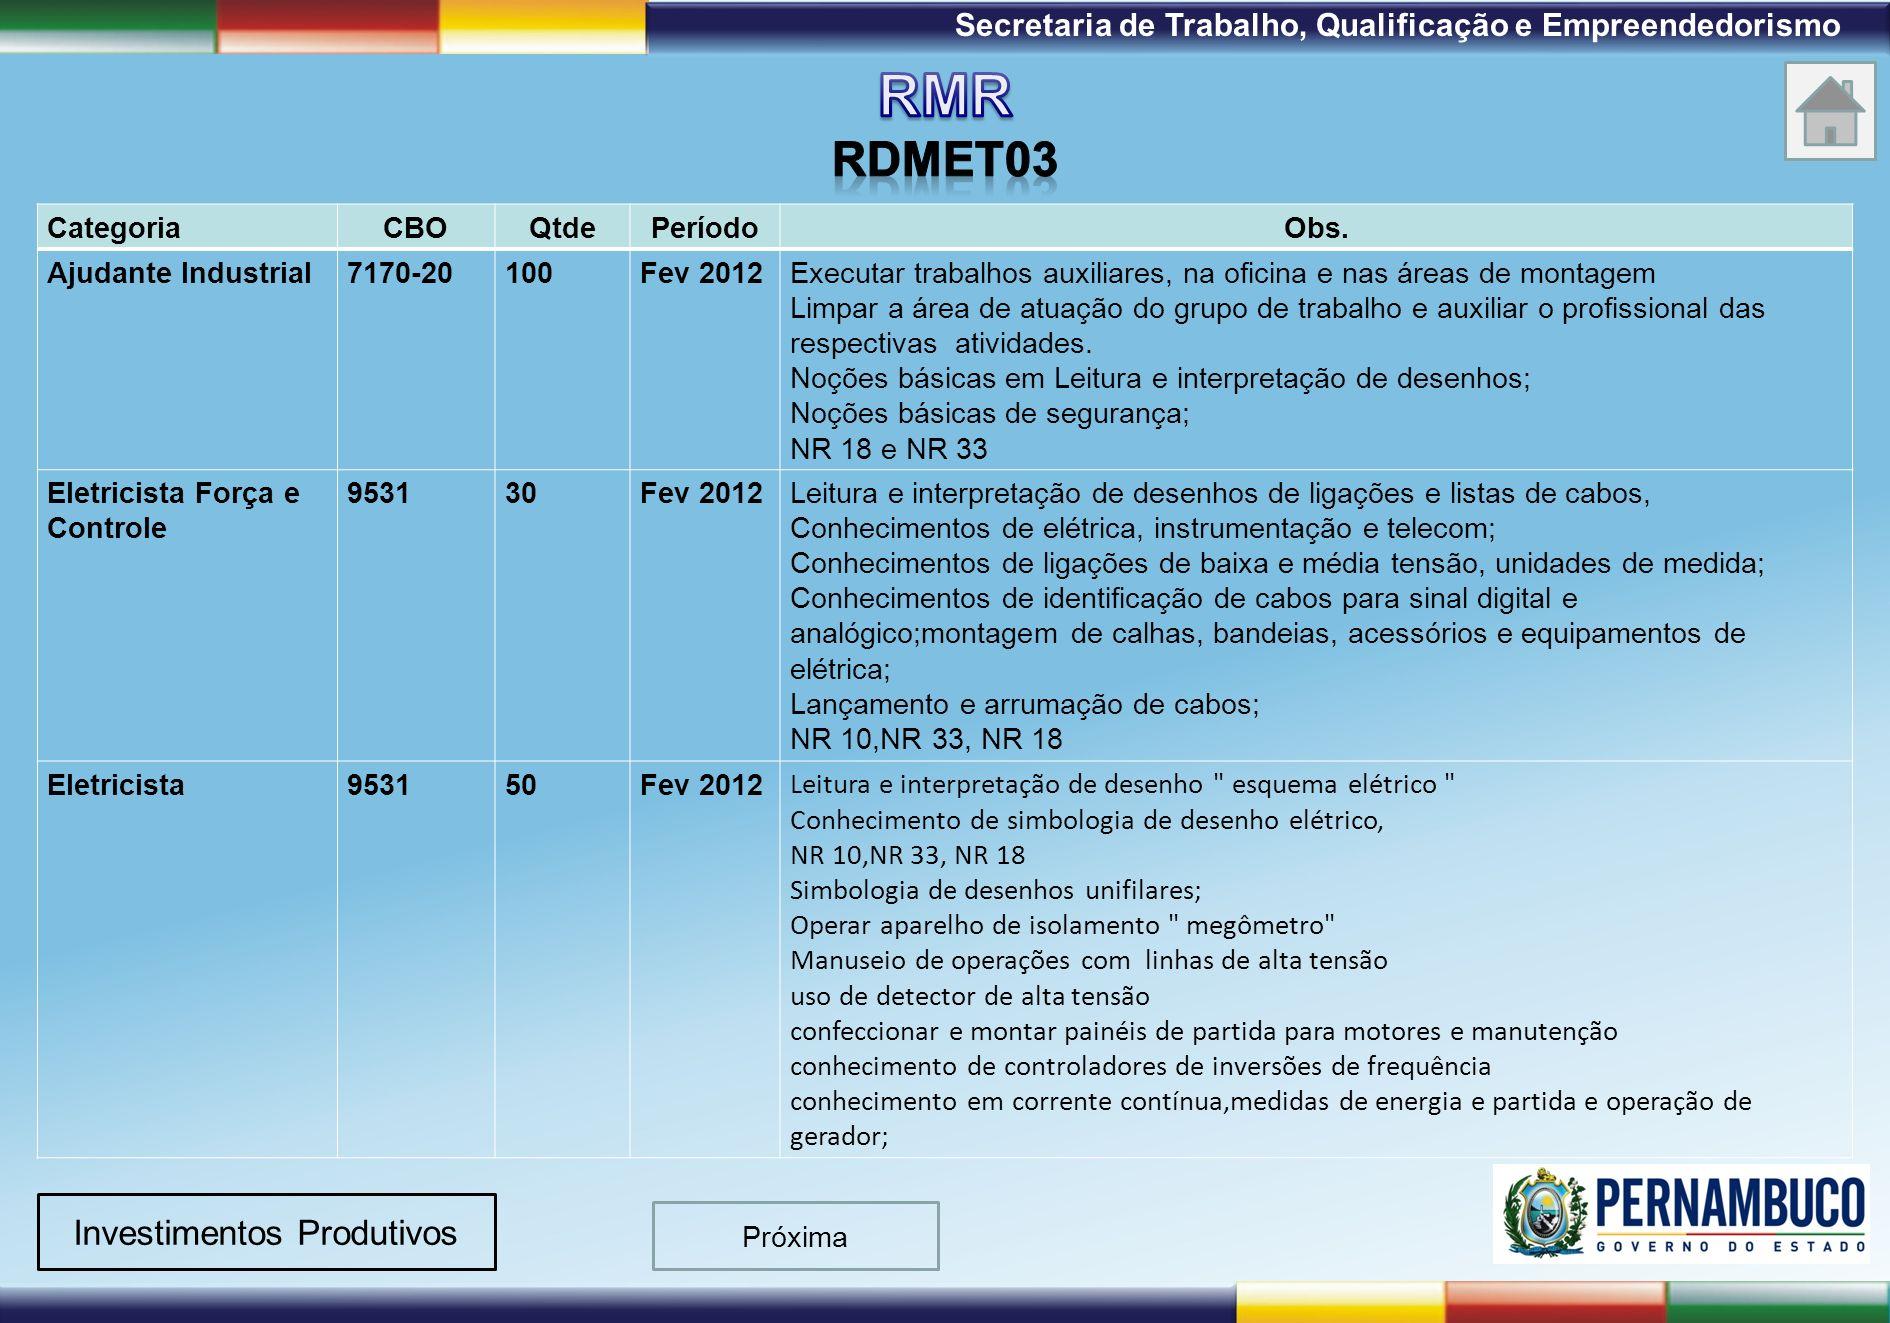 1ª Reunião de Monitoramento 2009 – 31/03/09 Secretaria de Trabalho, Qualificação e Empreendedorismo Investimentos Produtivos Próxima CategoriaCBOQtdeP